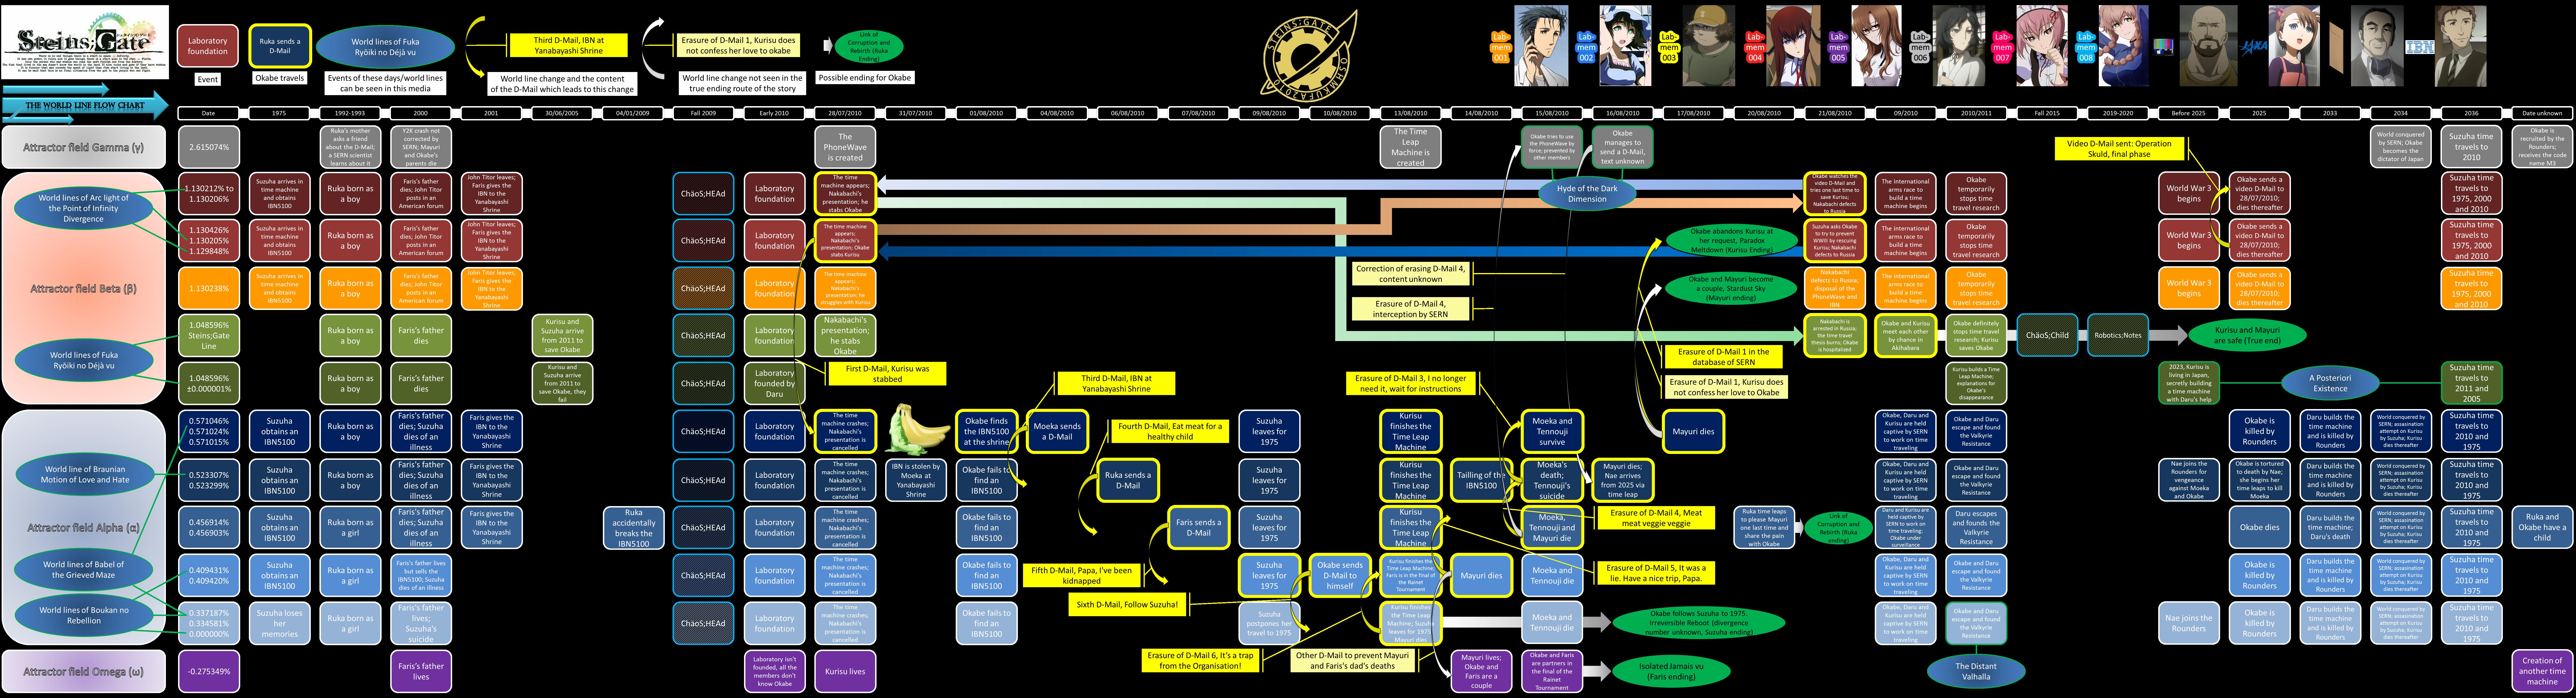 Timeline | Steins